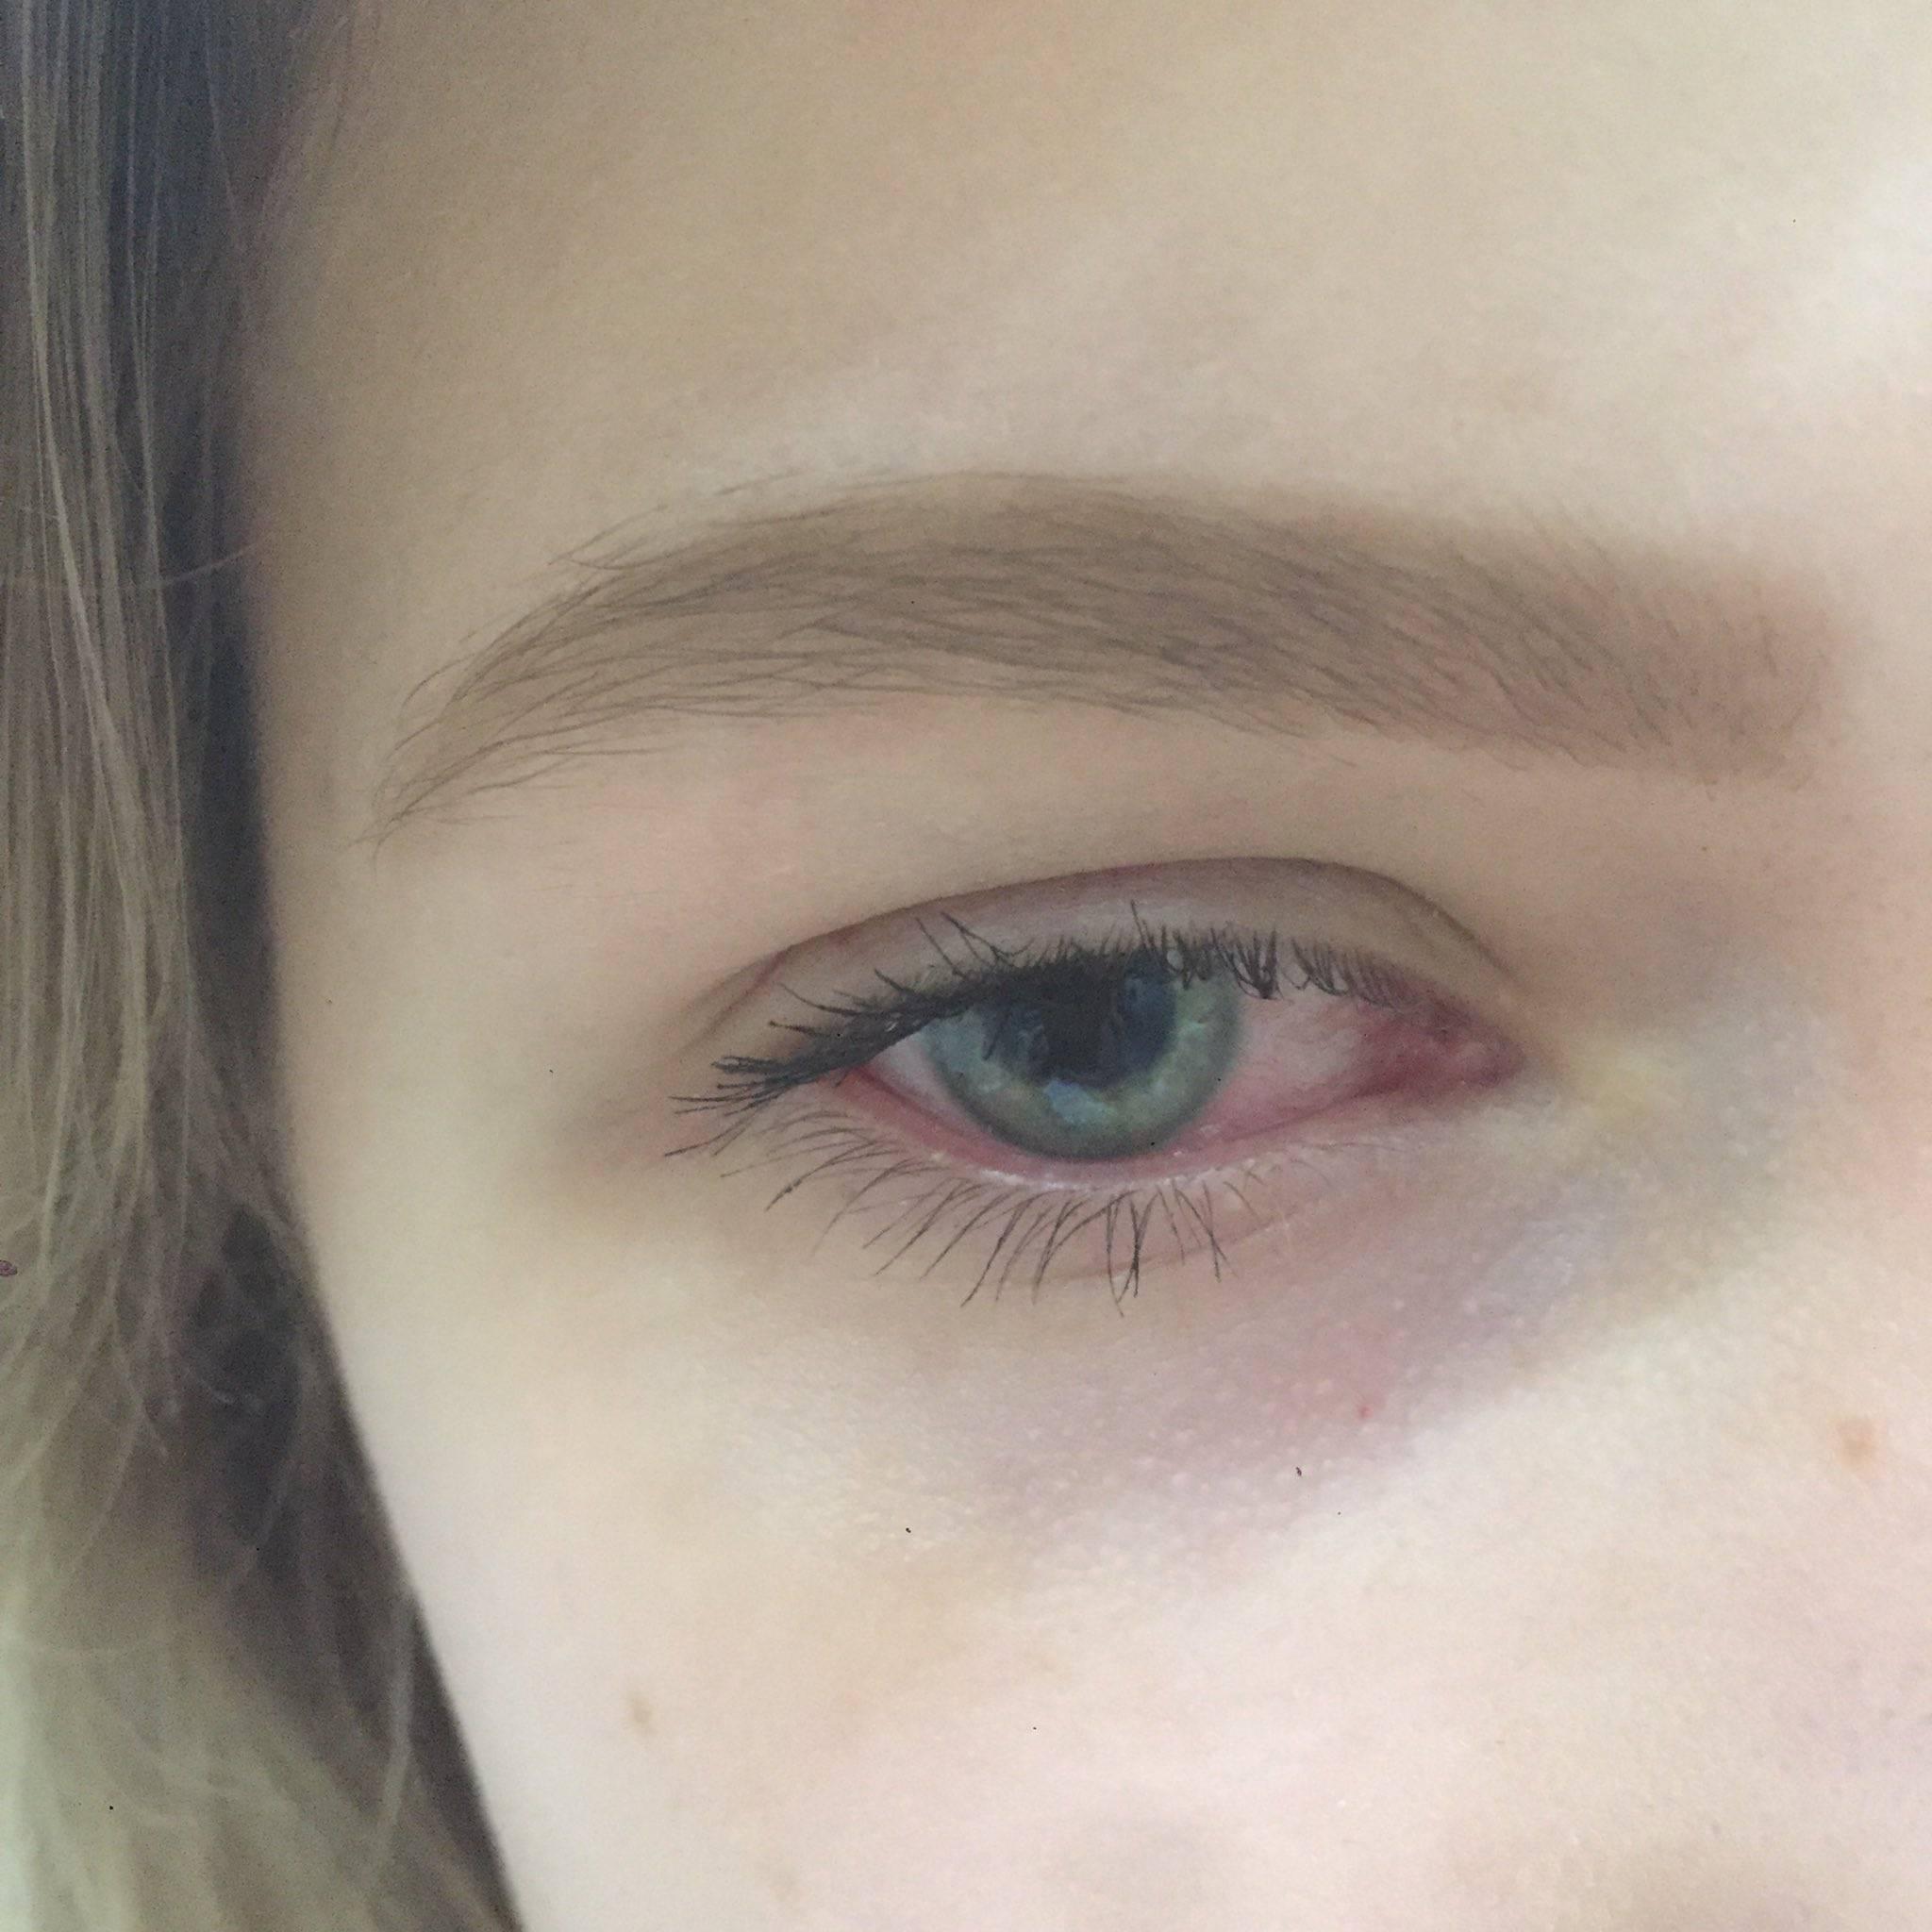 Почему глаза красные после сна. покраснения глаз после сна. красные глаза не повод для тревоги